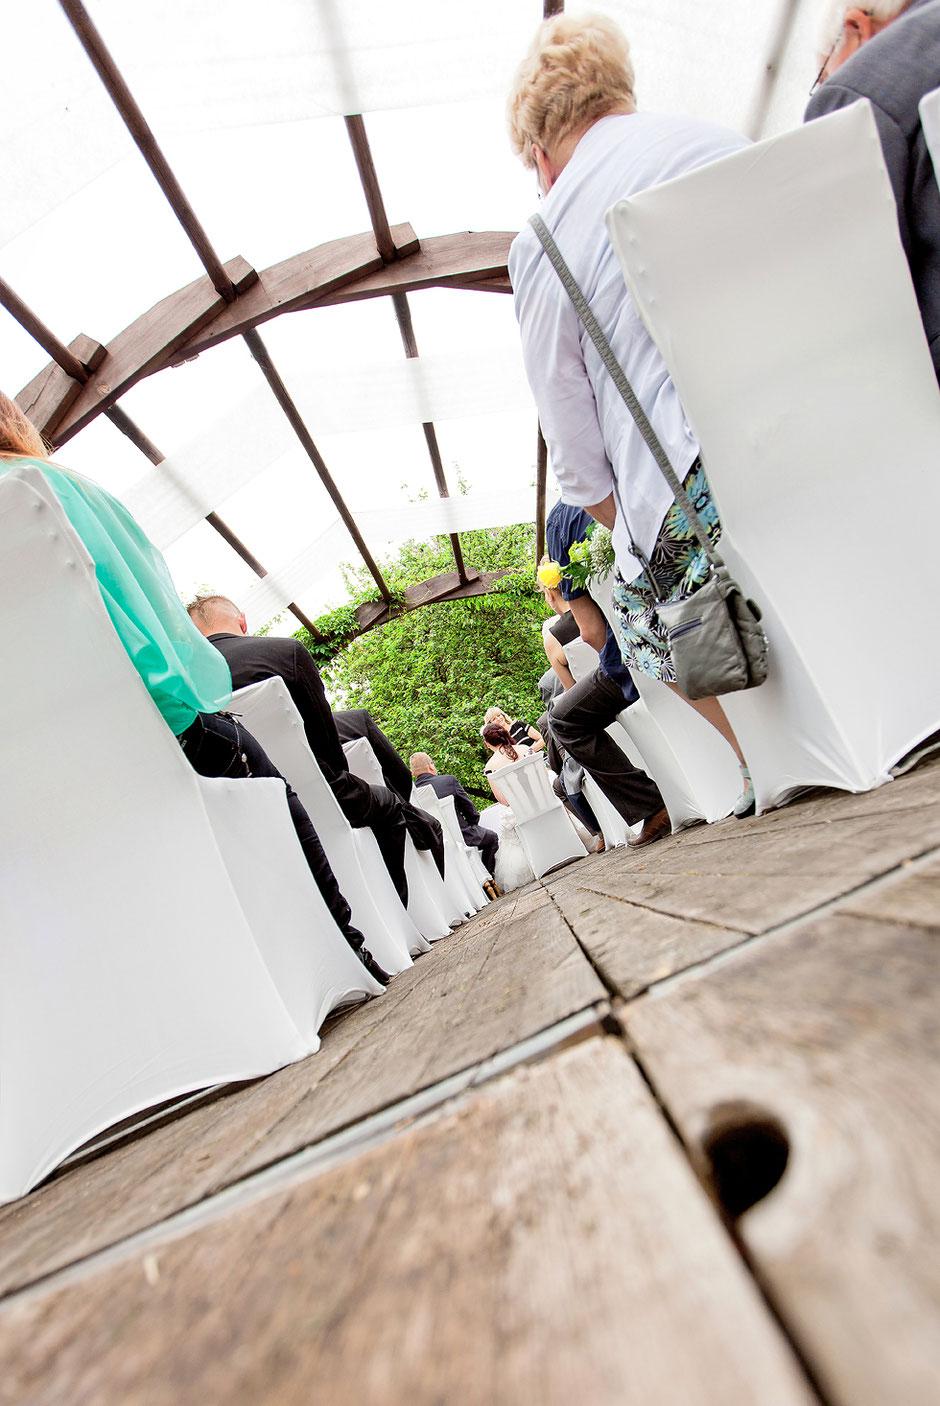 hochzeitsfotograf hainichen, hochzeitsfotograf rossau, hochzeitsbilder Schmiedelandhaus Greifendorf